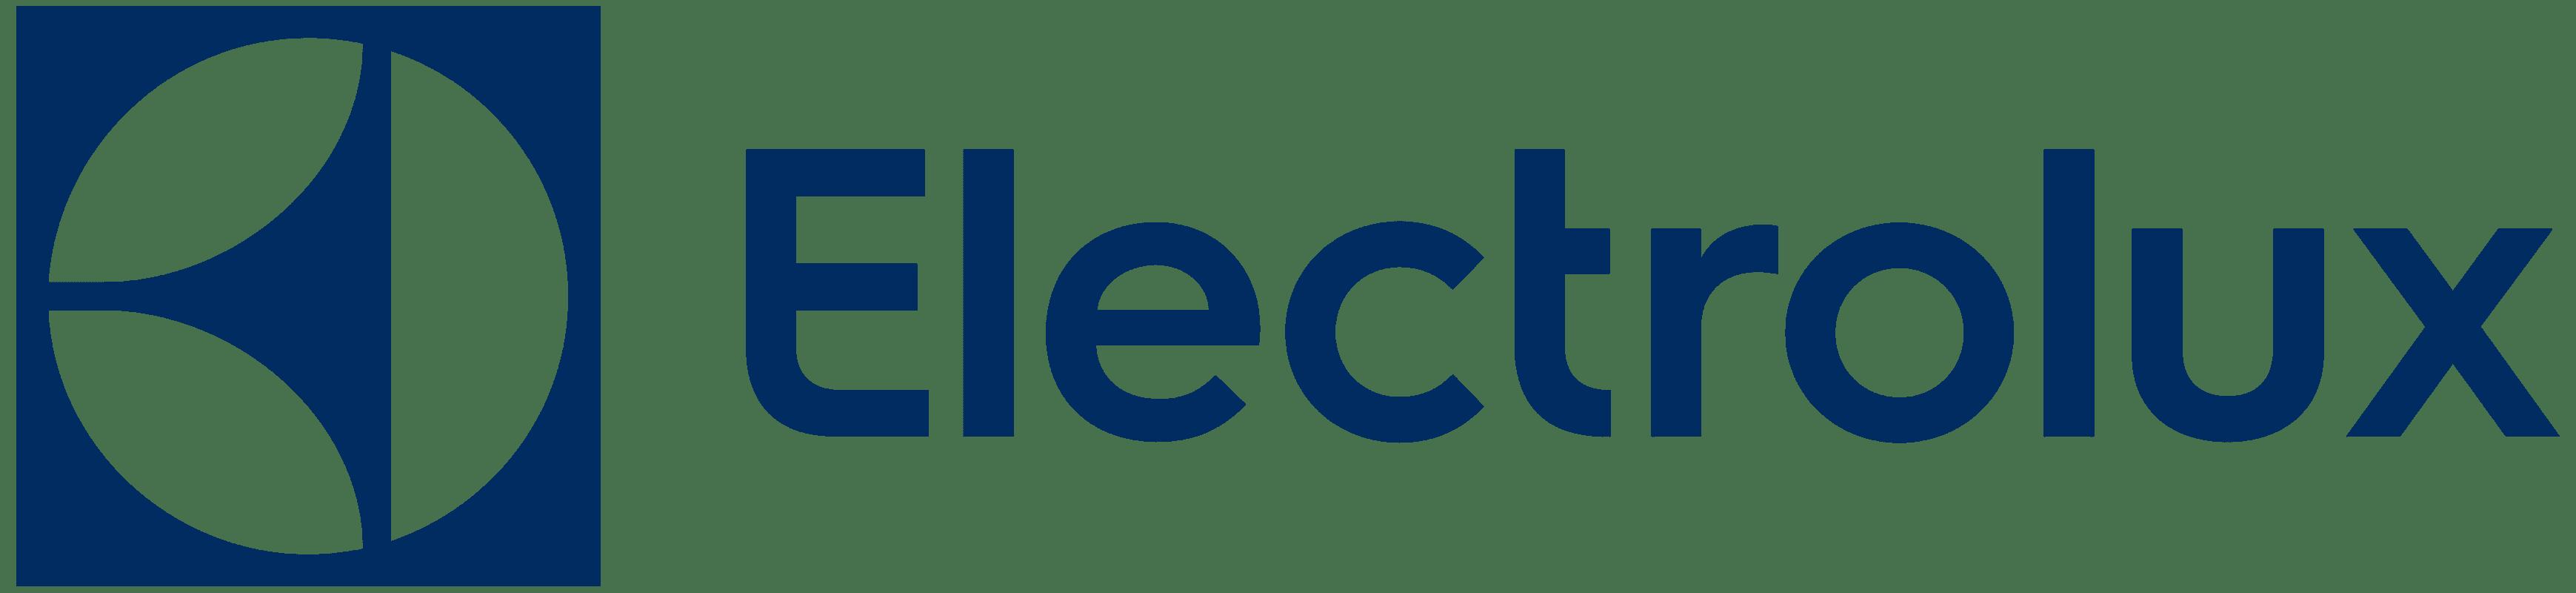 ELECTROLUX — купить ЭЛЕКТРОЛЮКС в магазине «ТеплоДвор СПб» ☎ +7(812) 414-36-00